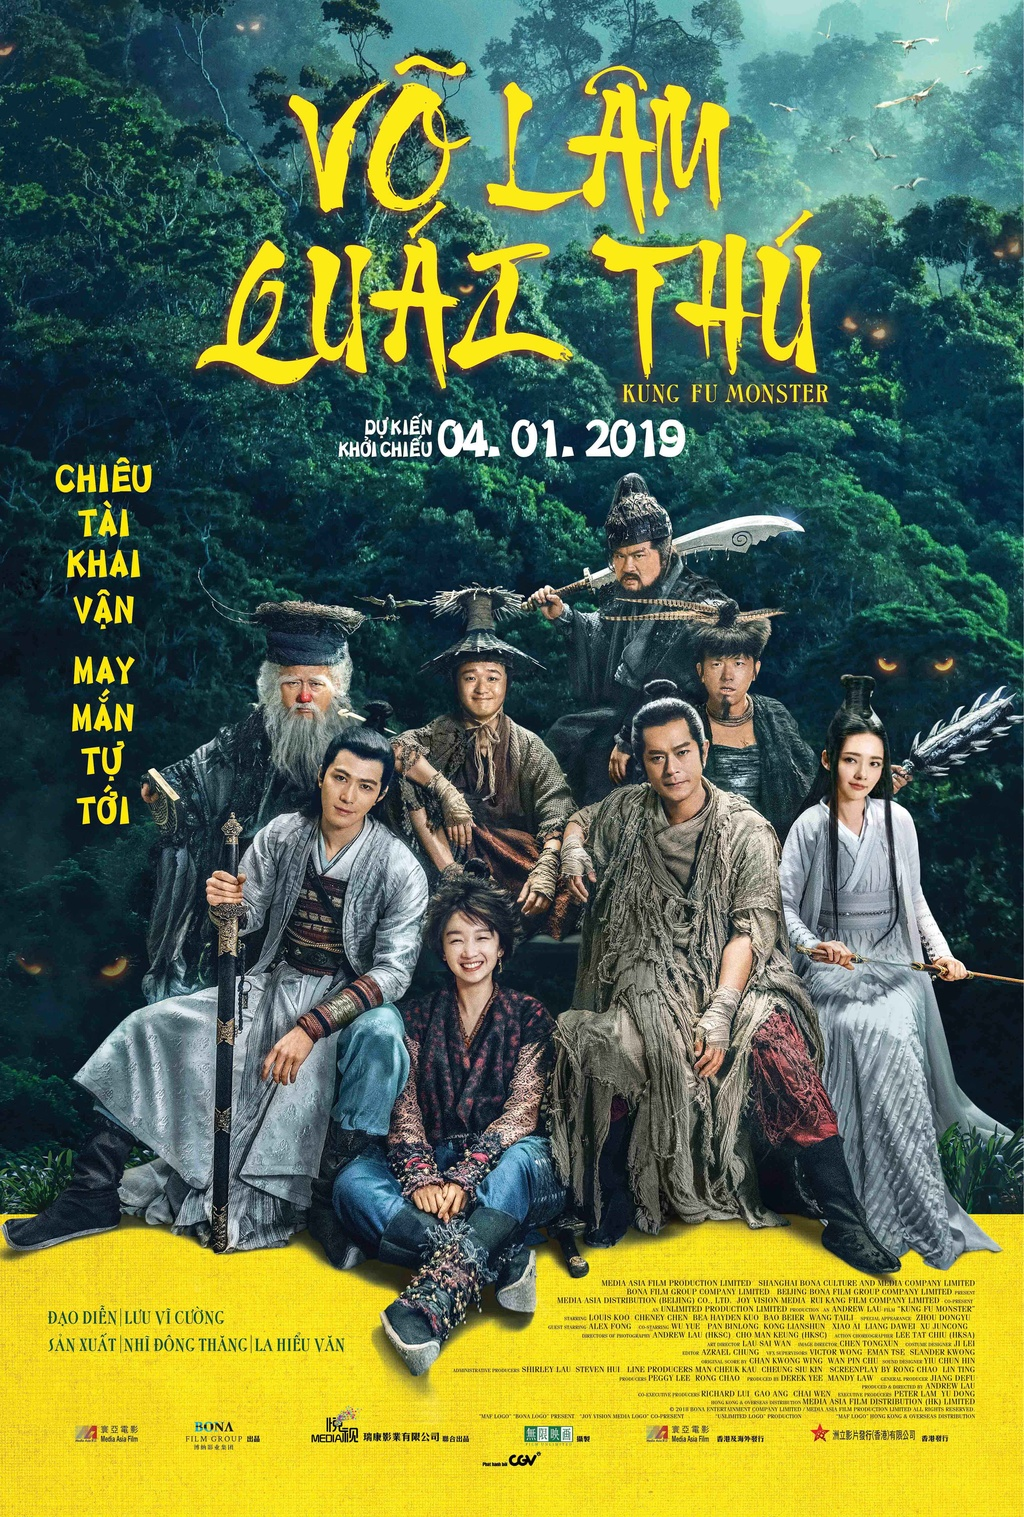 'Vo lam quai thu': Khi Co Thien Lac va Chau Dong Vu dong hai nham hinh anh 1